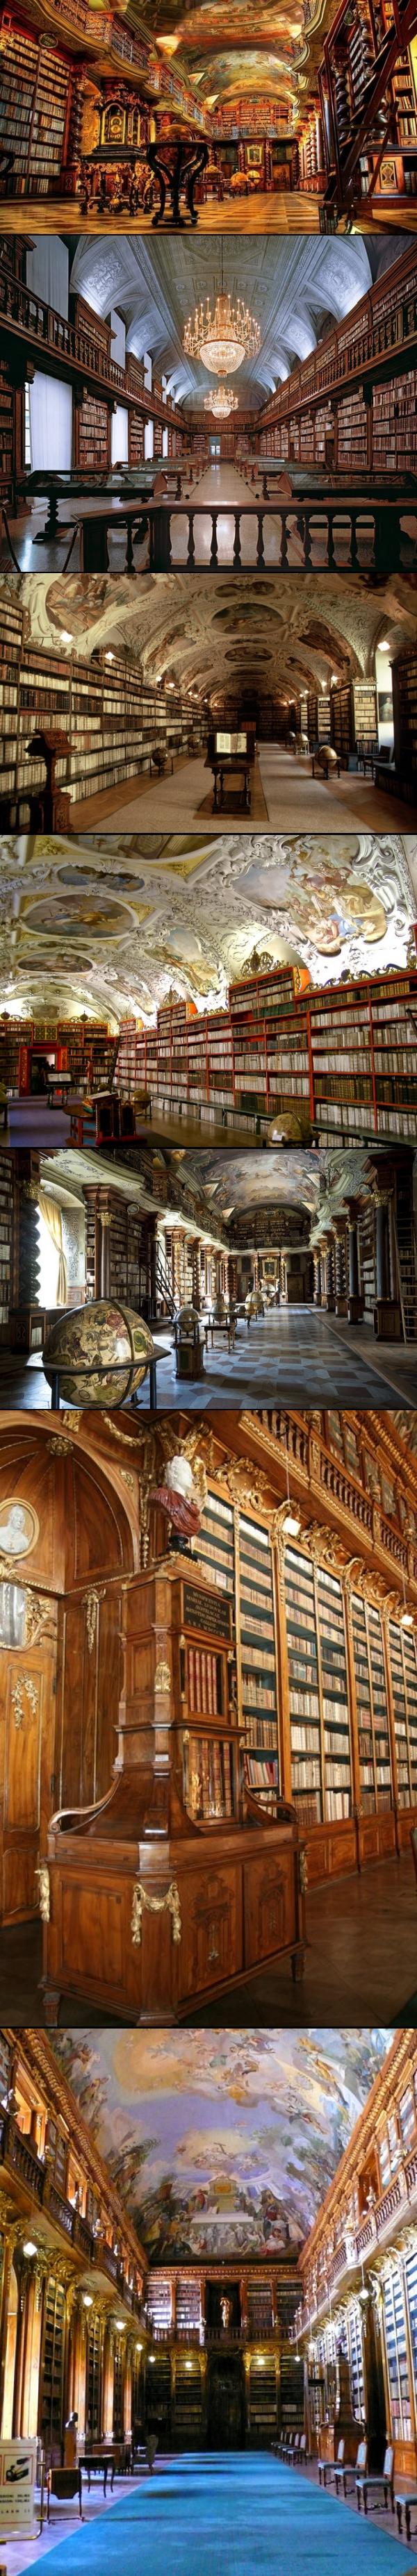 Clementinum library. Praga